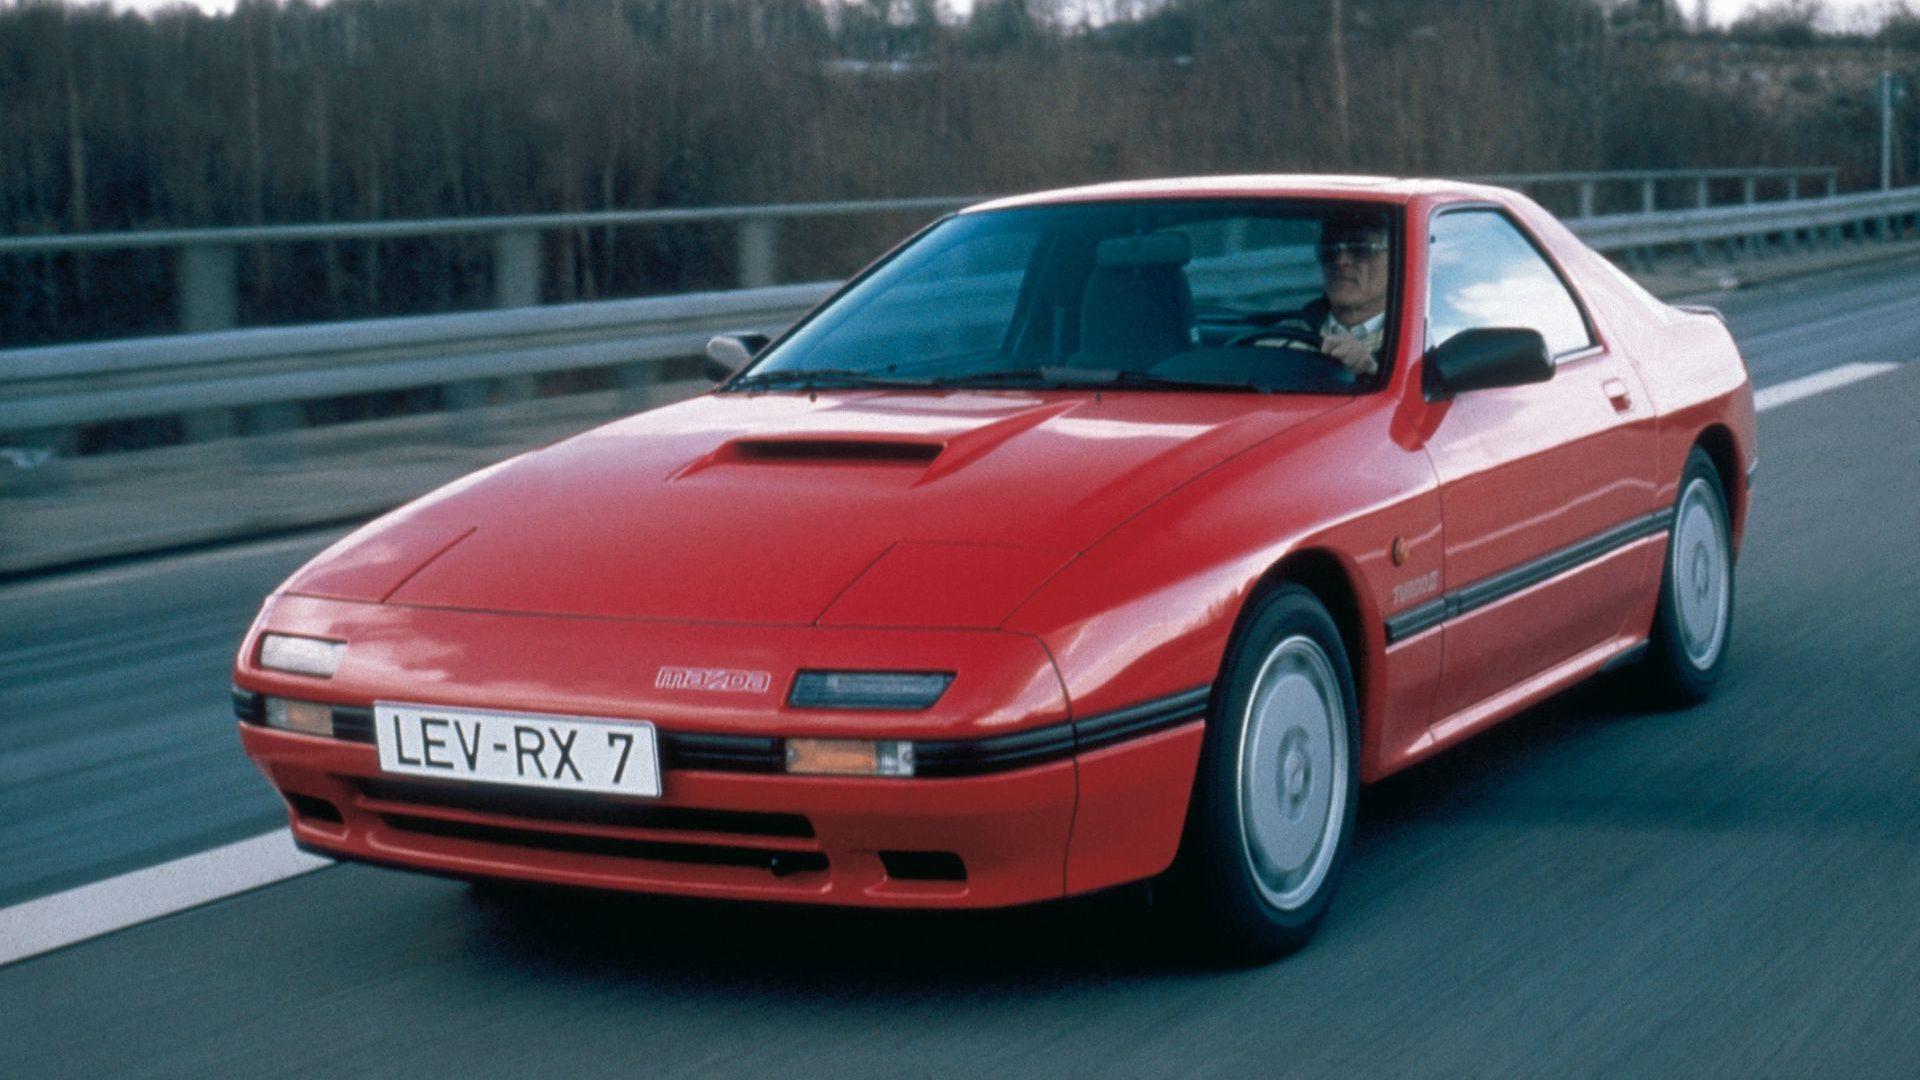 RX7 Turbo II